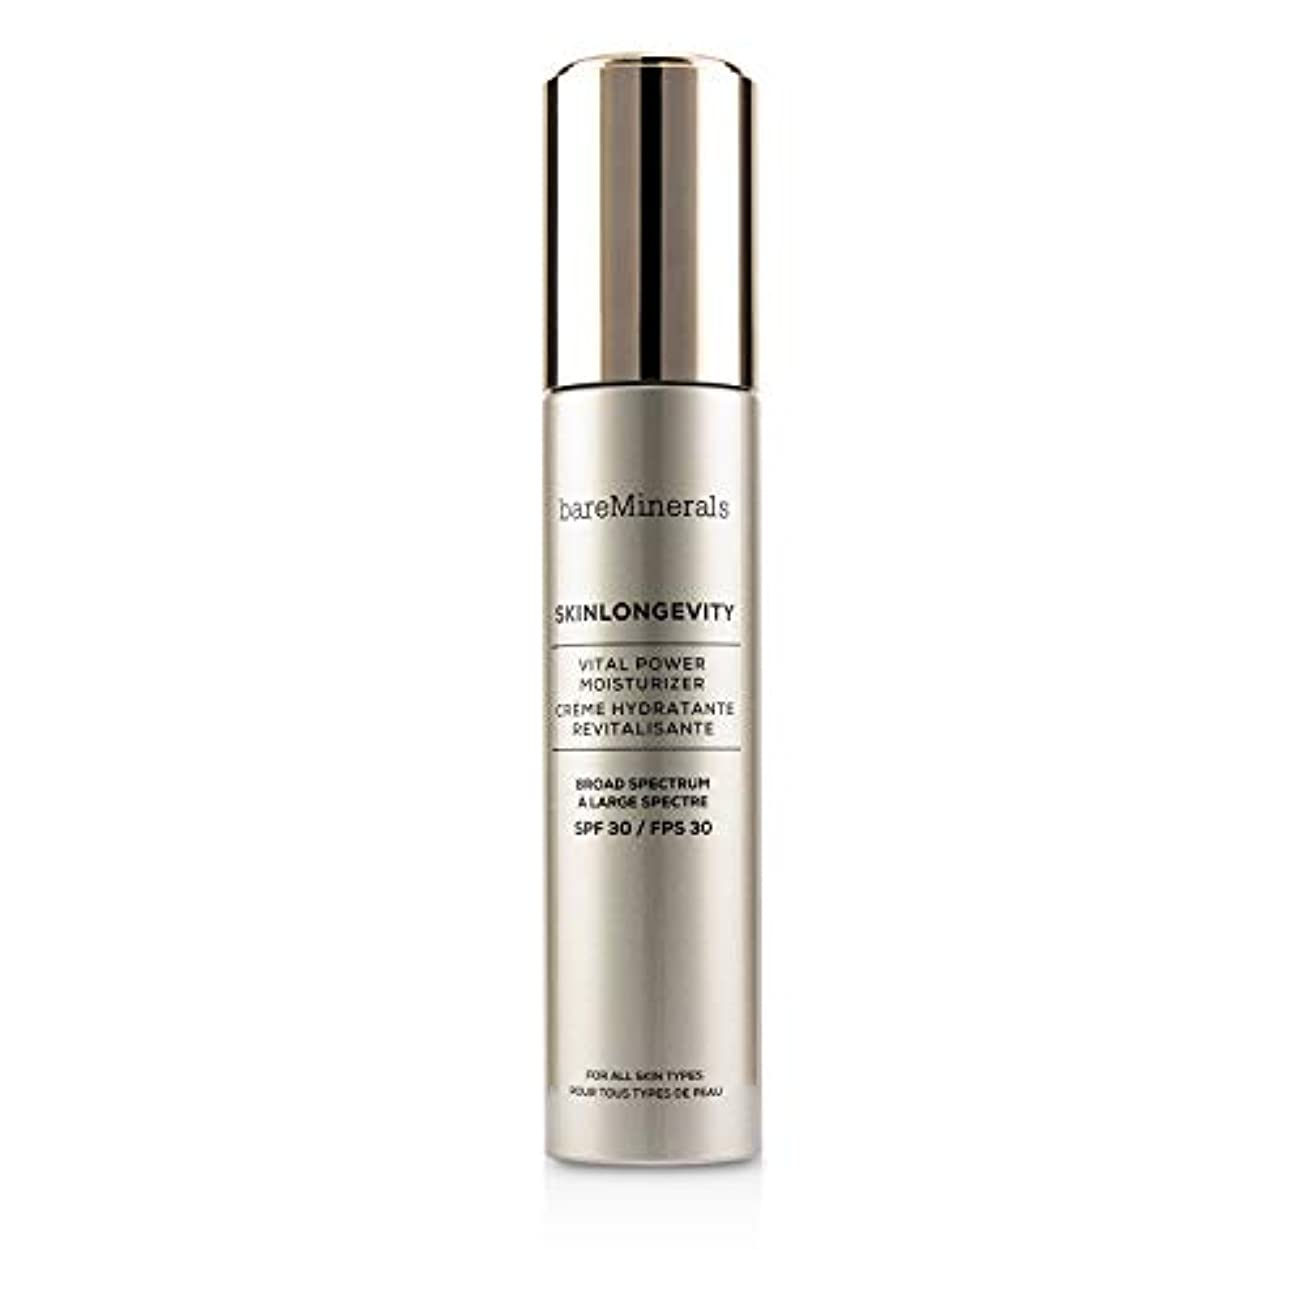 ベアミネラル Skinlongevity Vital Power Moisturizer SPF 30 50ml/1.7oz並行輸入品